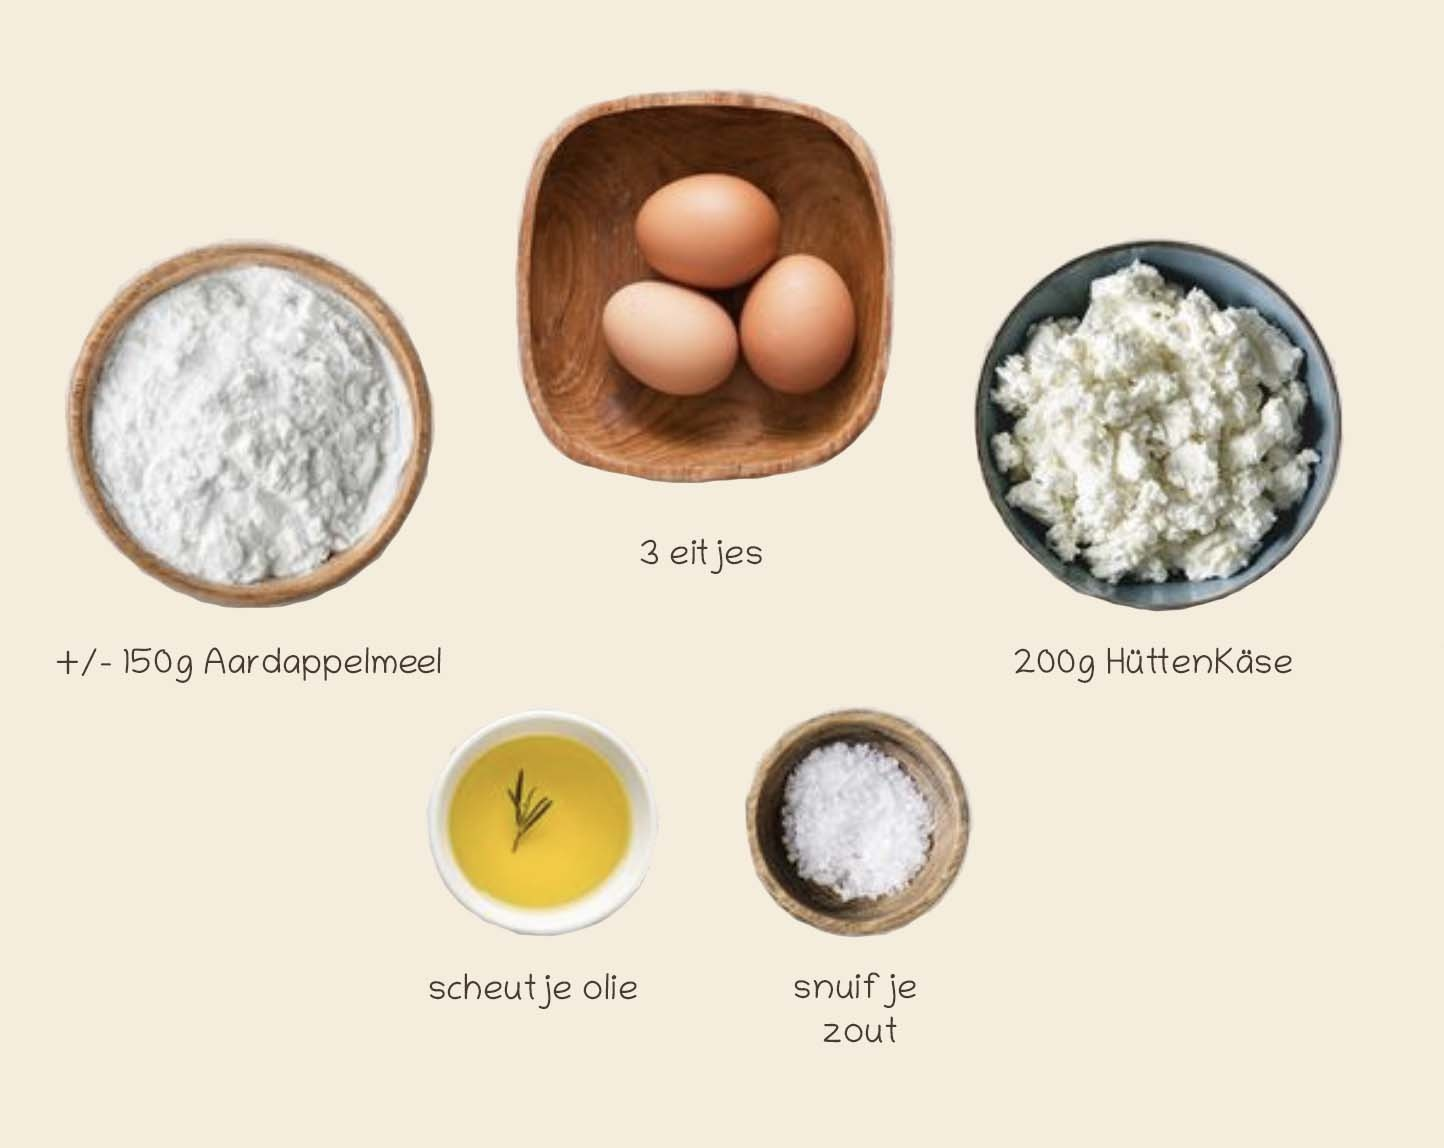 Collory Bakmat Recept 1: Aardappelmeel en Hütenkäse